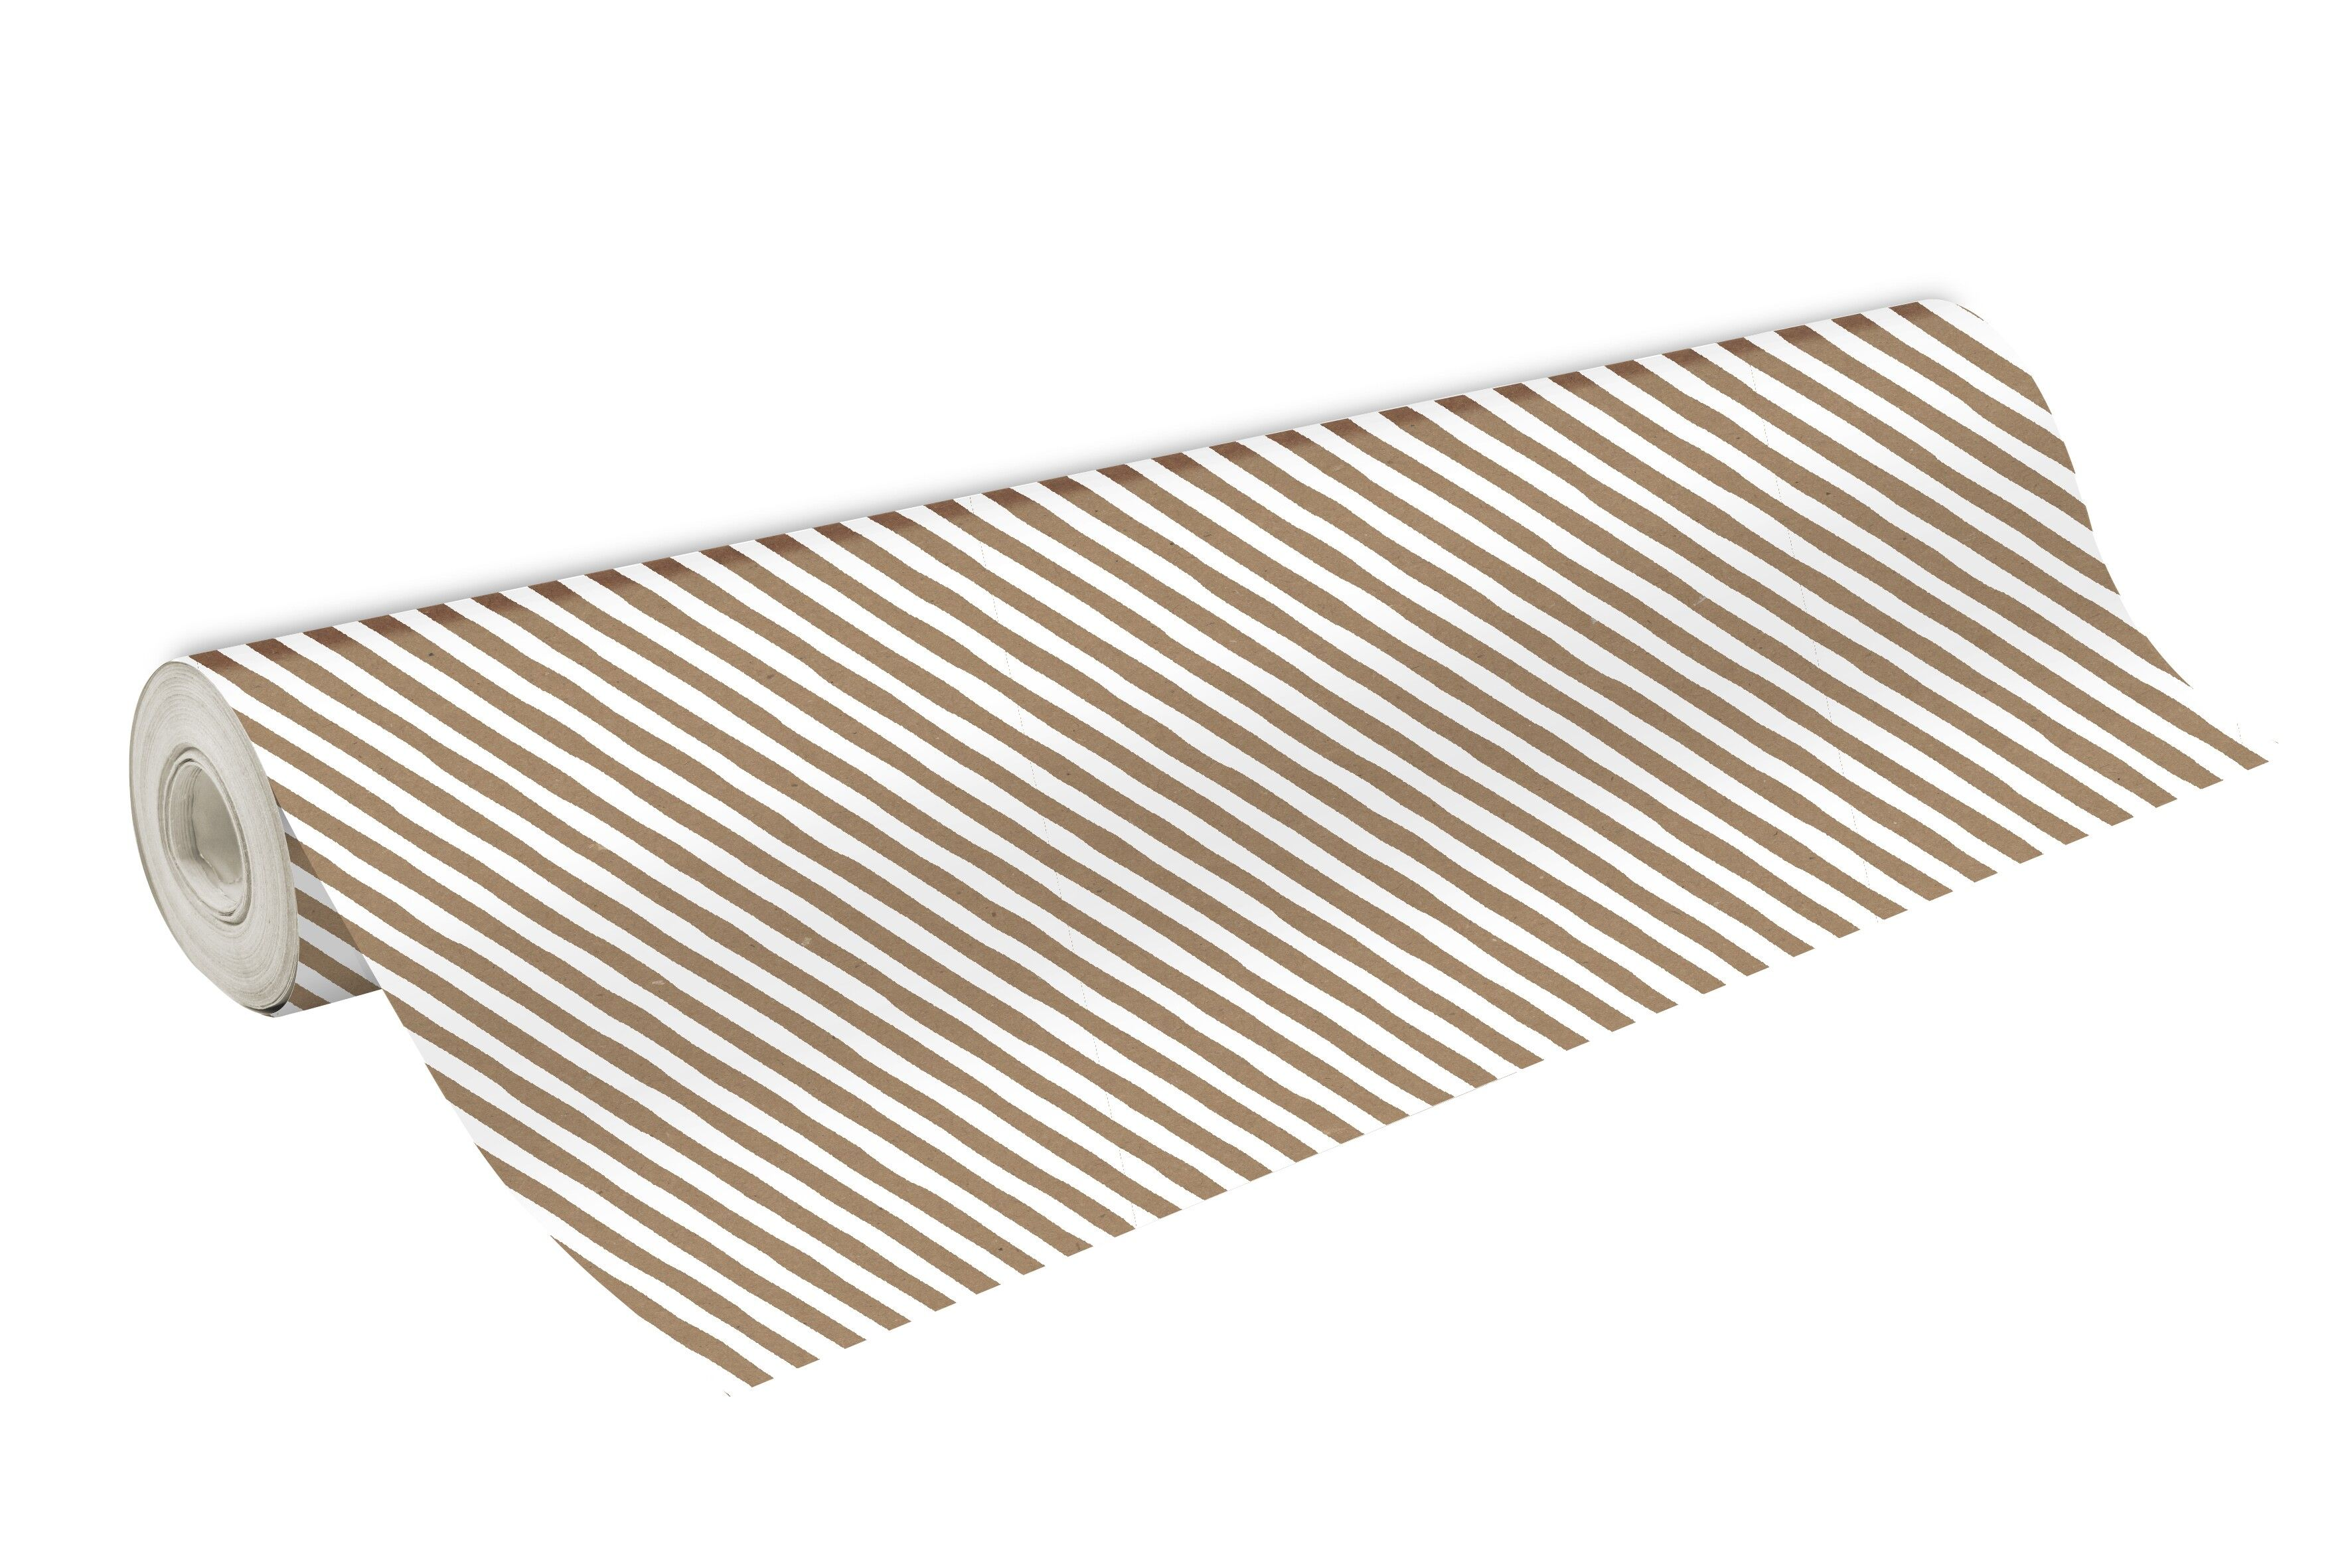 Clairefontaine - Papier cadeau kraft - 70 cm x 50 m - 70 g/m² - motif rayures blanches